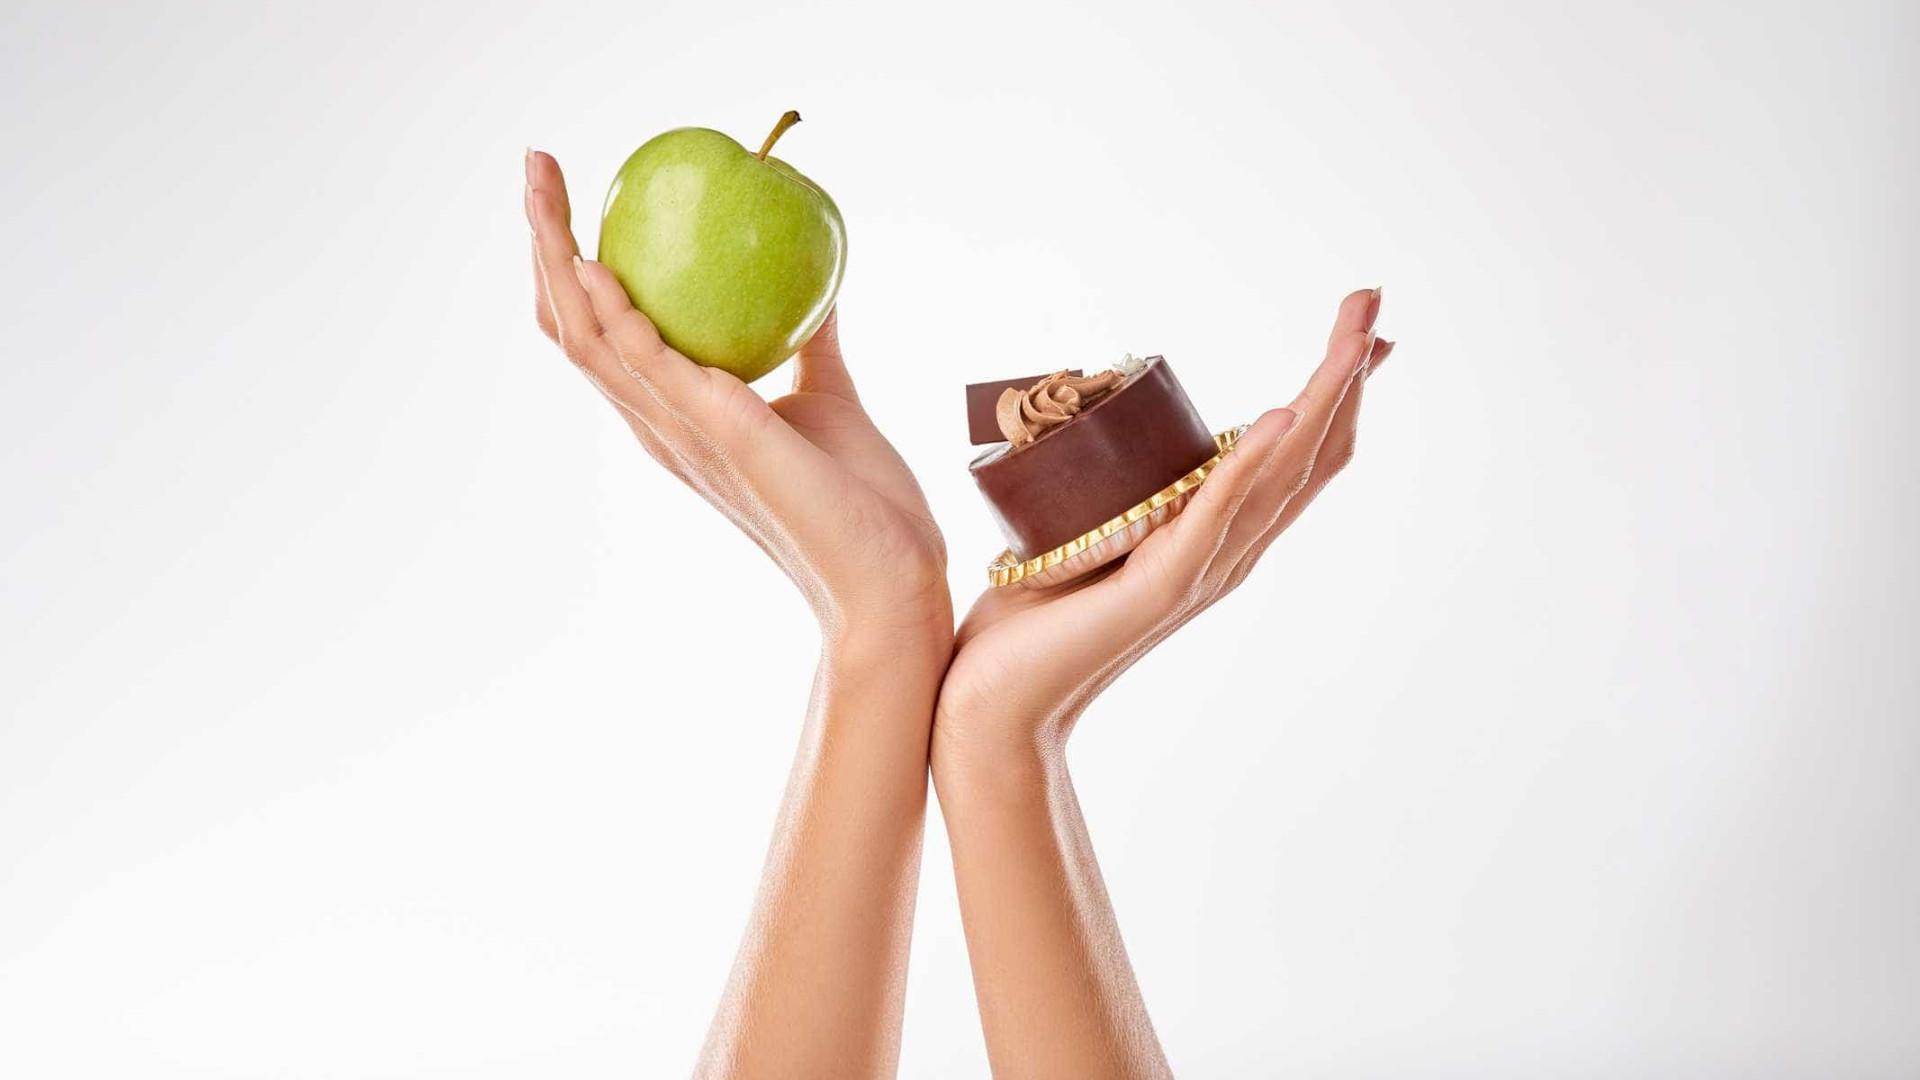 Quatro conselhos para levar a sério se quer perder peso